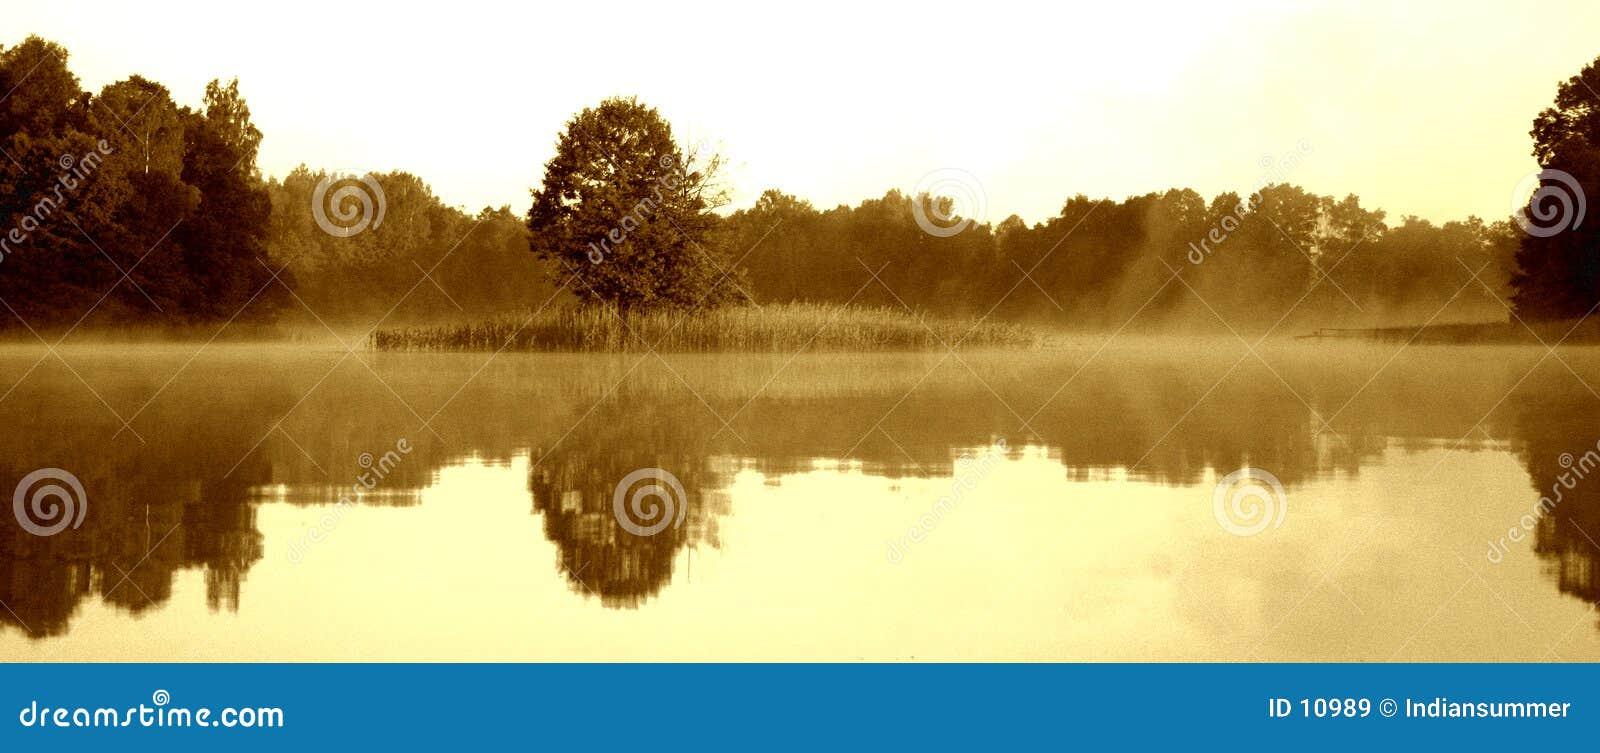 Mañana brumosa por el lago, VI